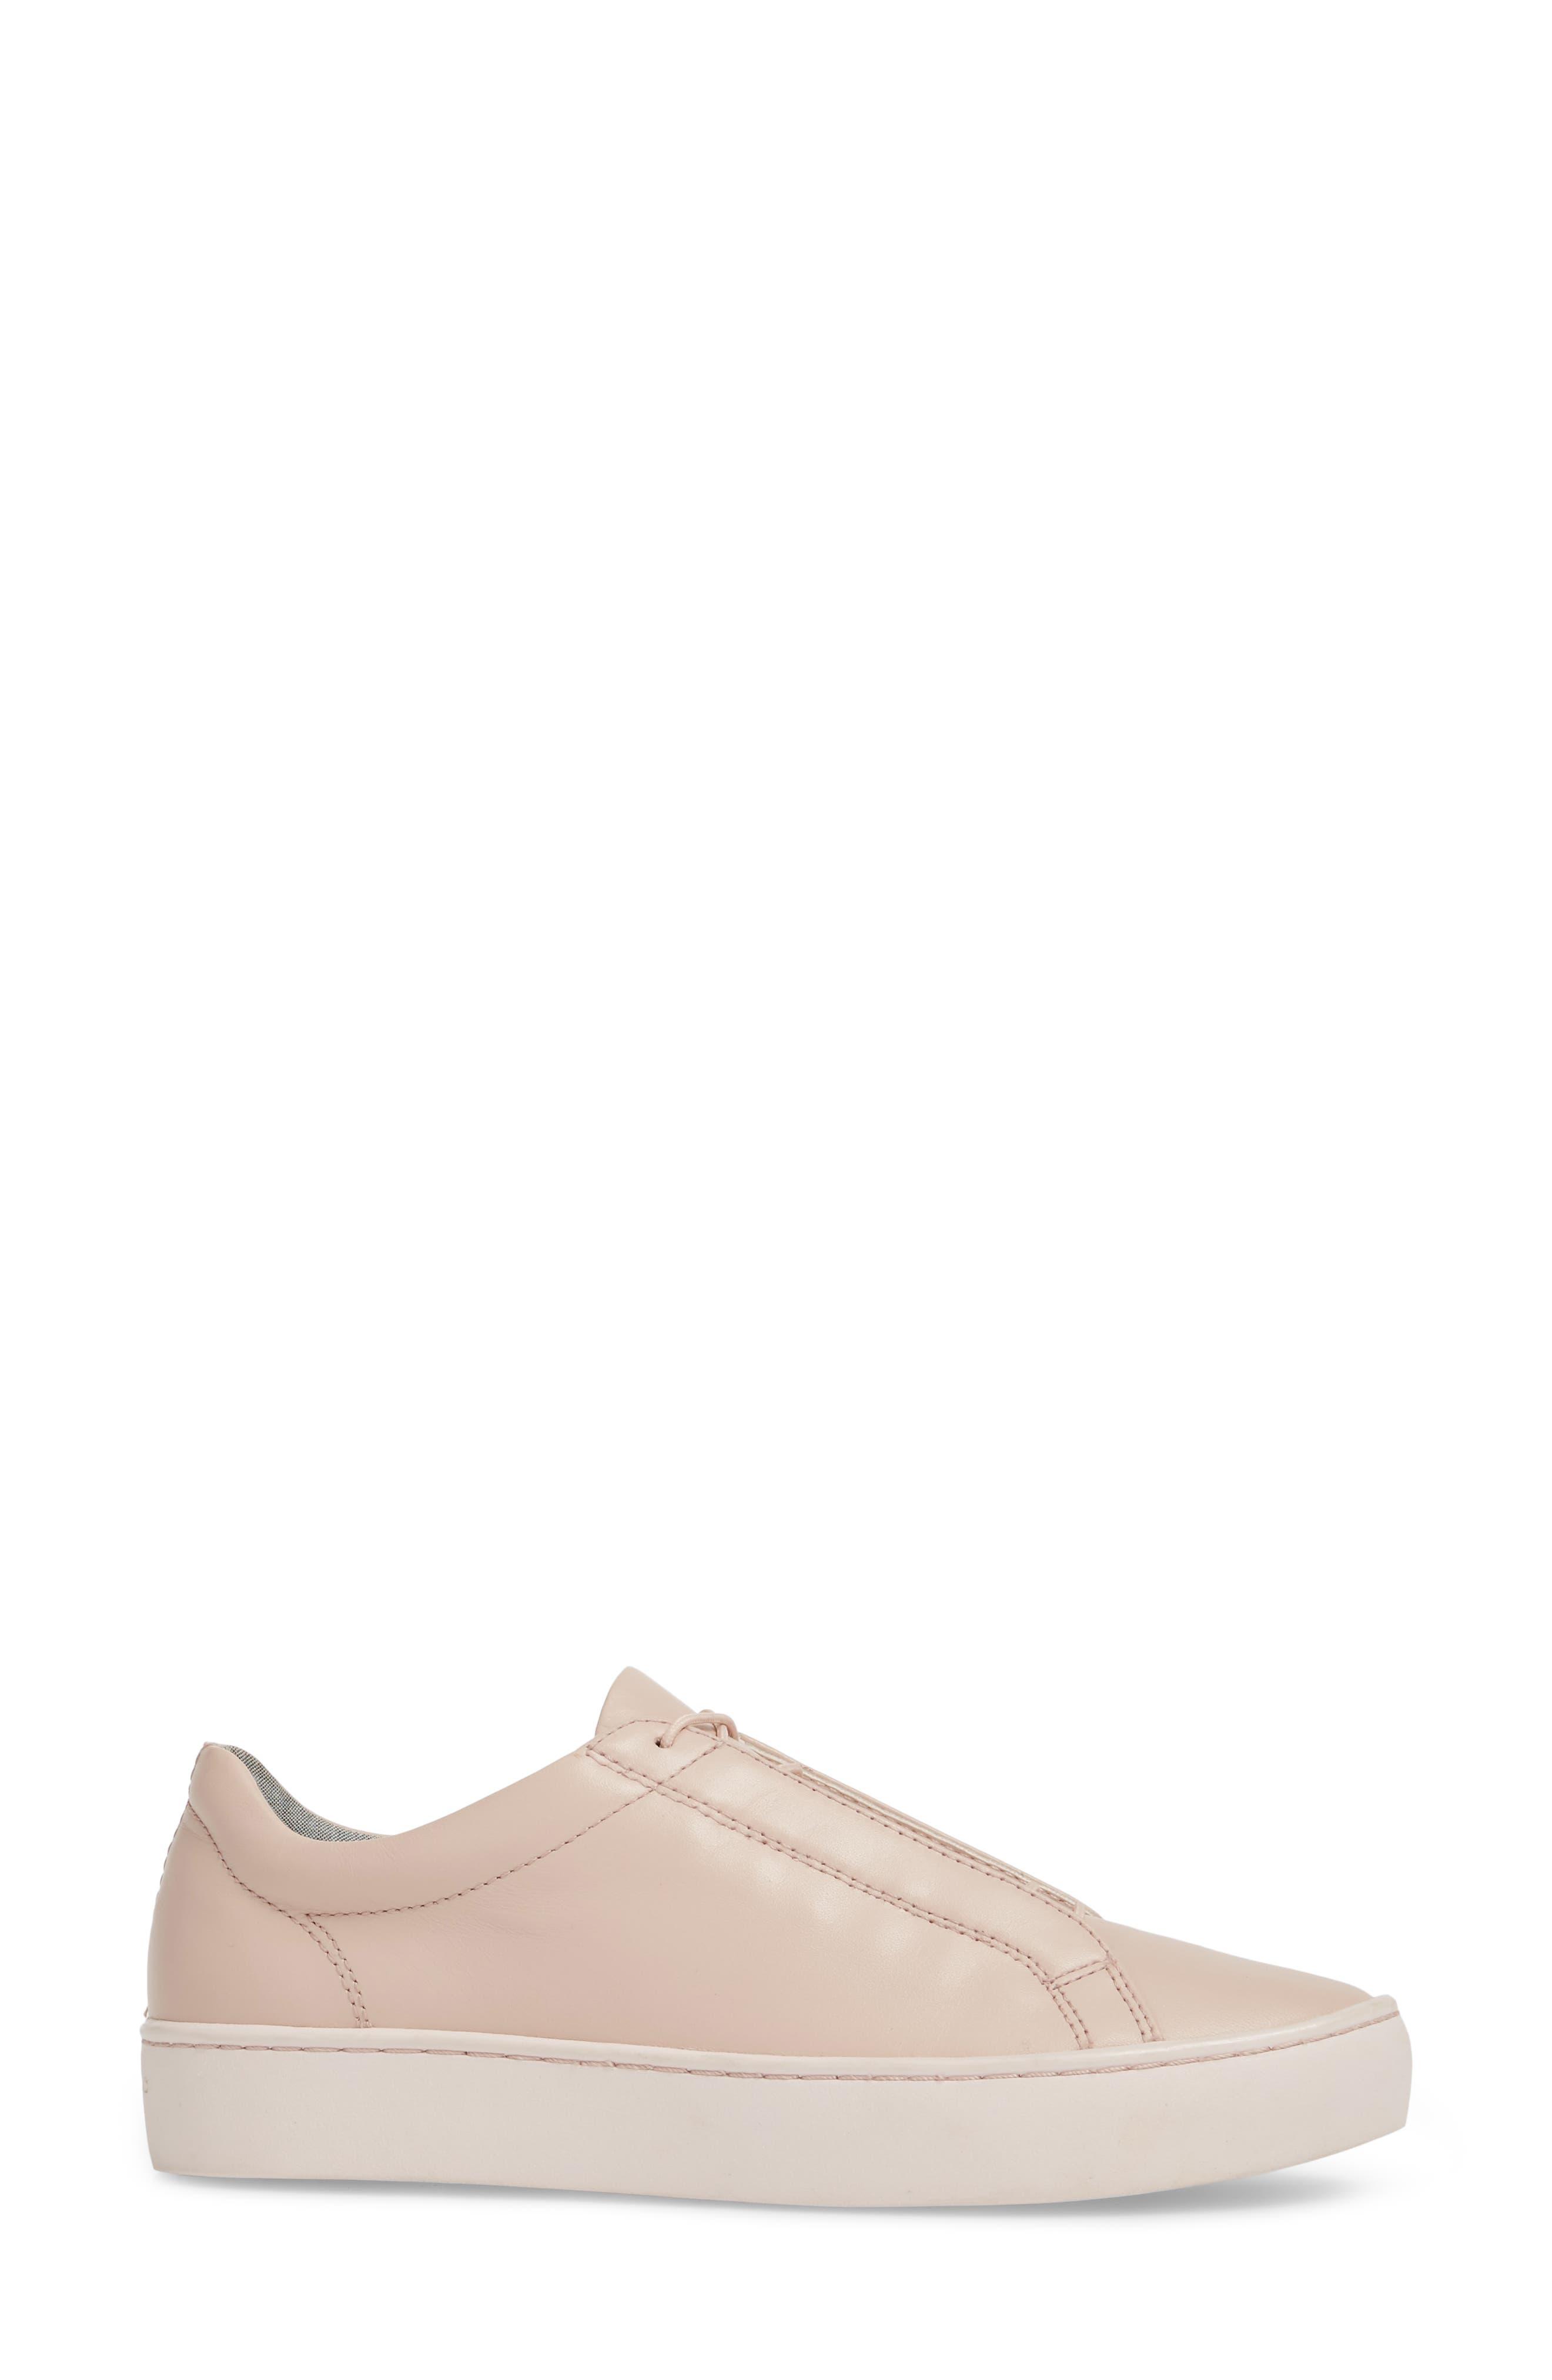 Zoe Sneaker,                             Alternate thumbnail 3, color,                             Milkshake Leather